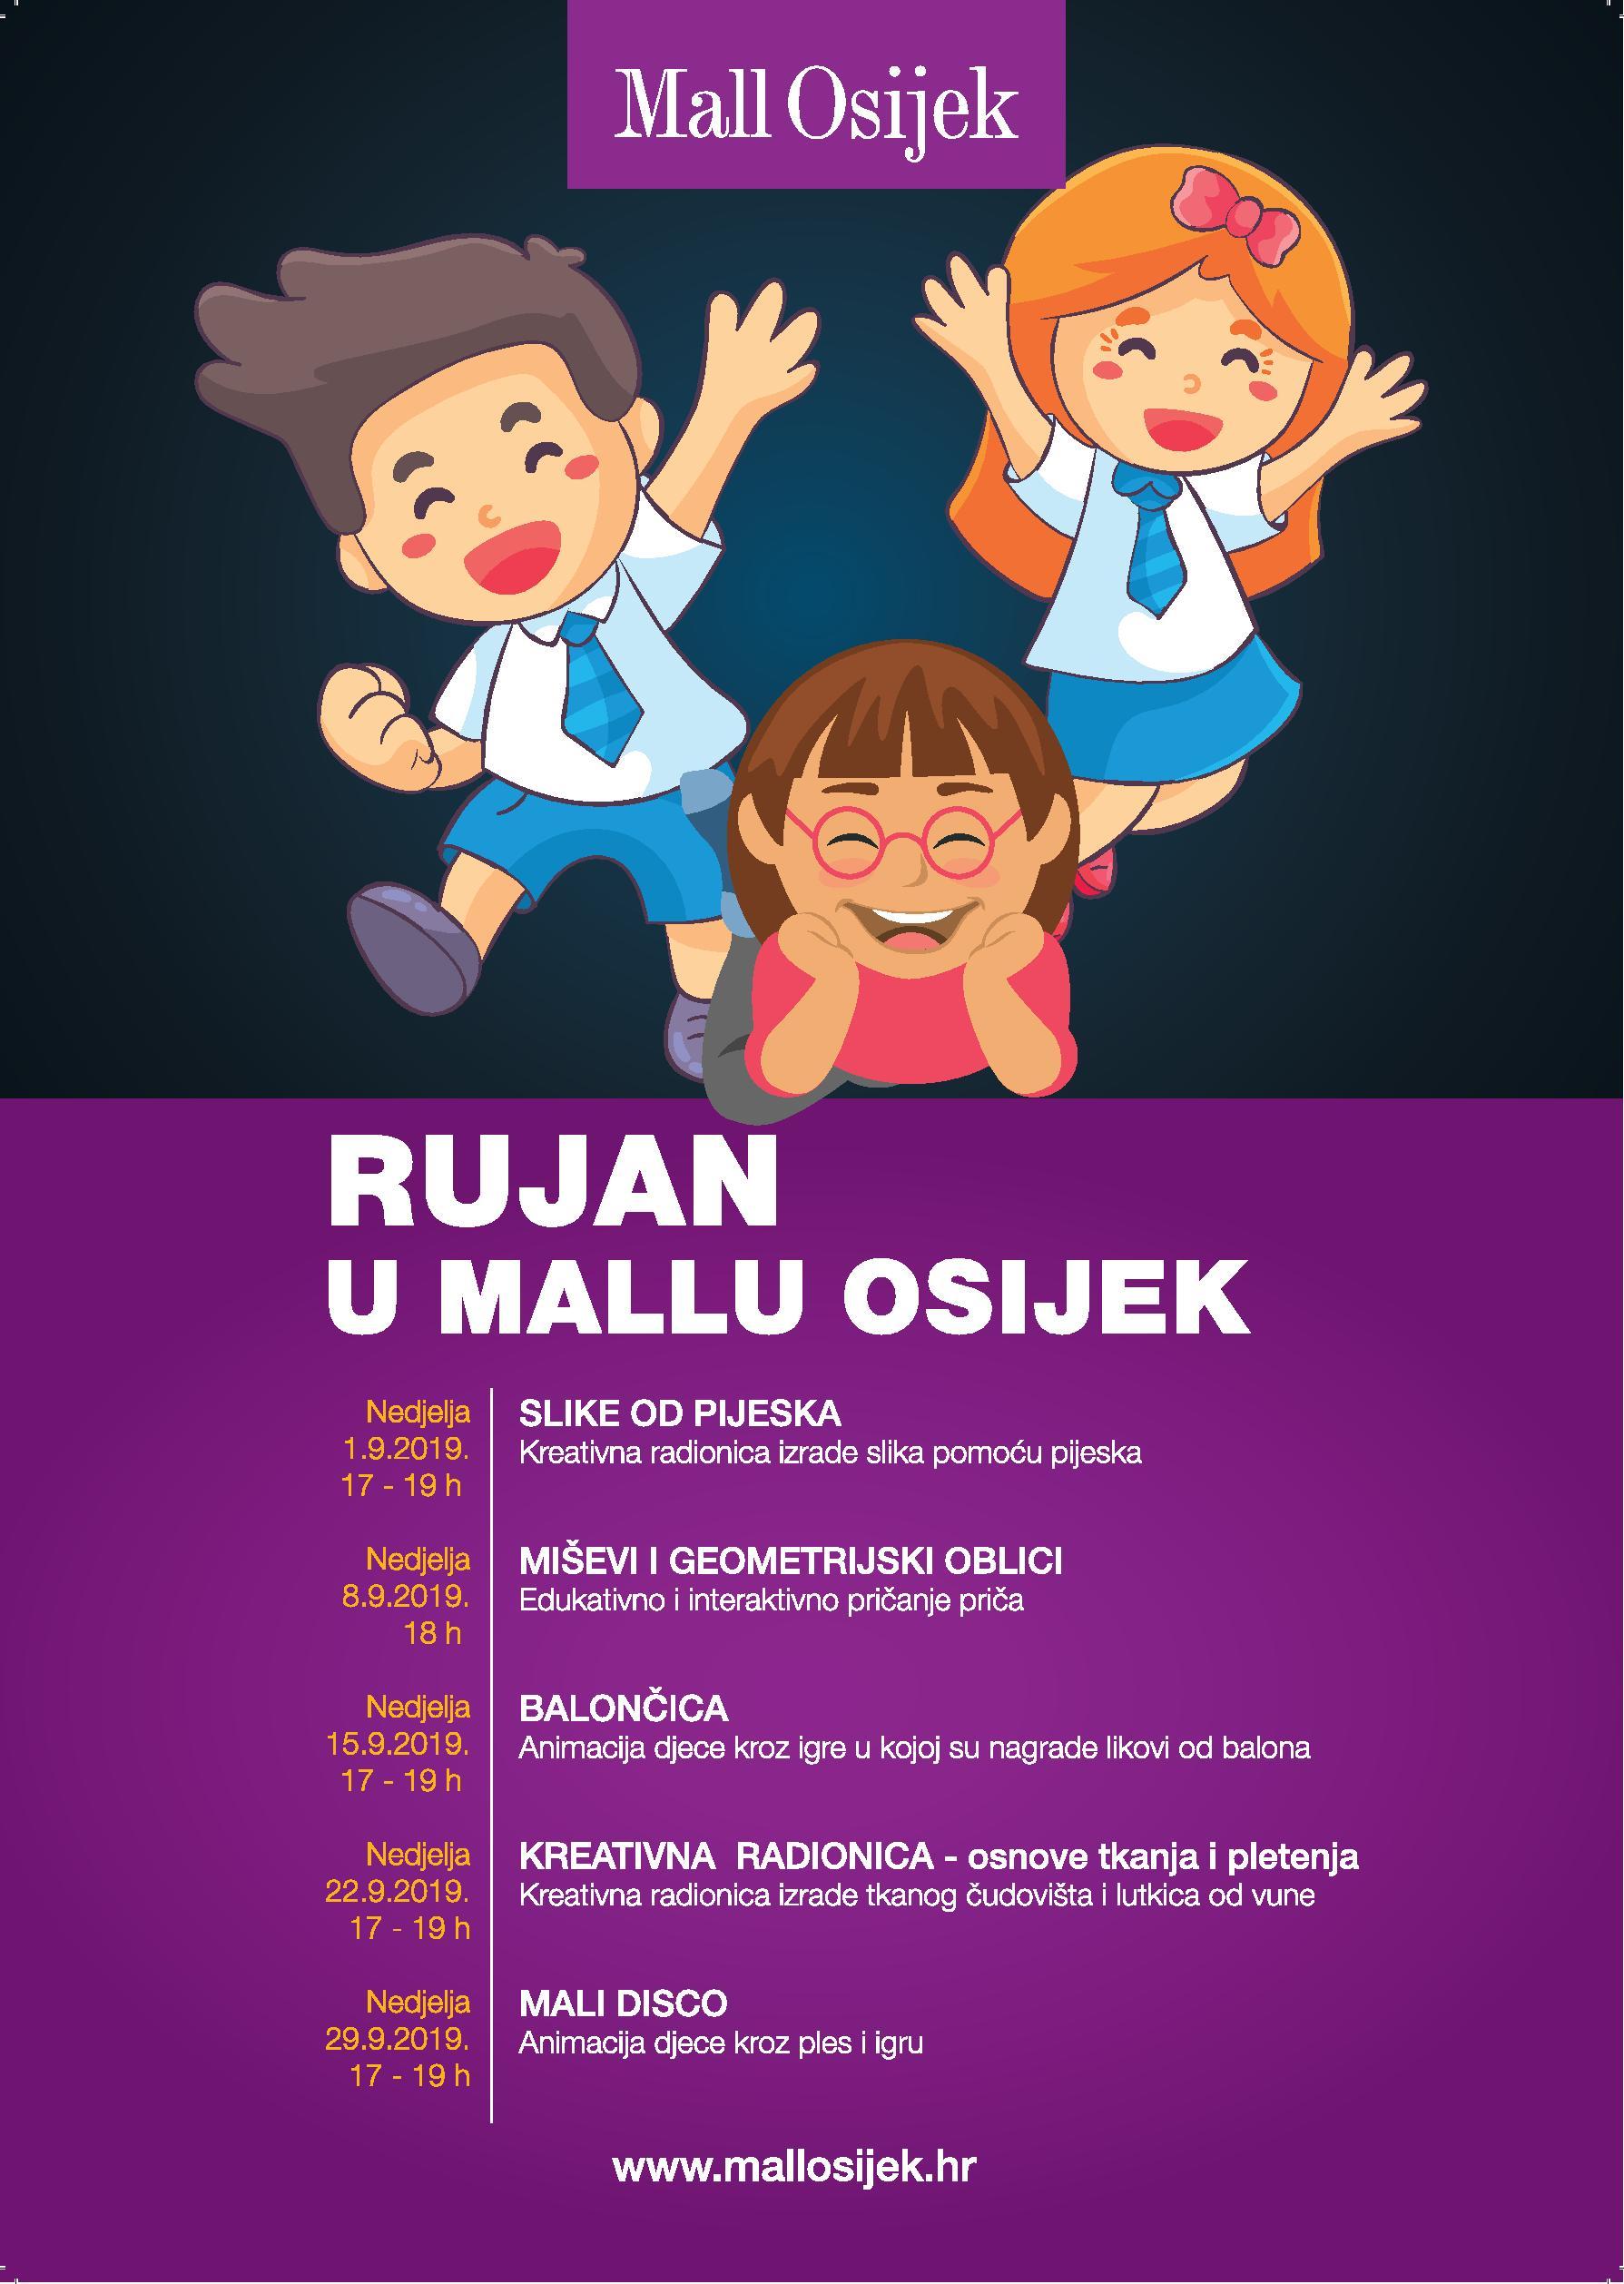 rujan_mall_03092019_osijeknews